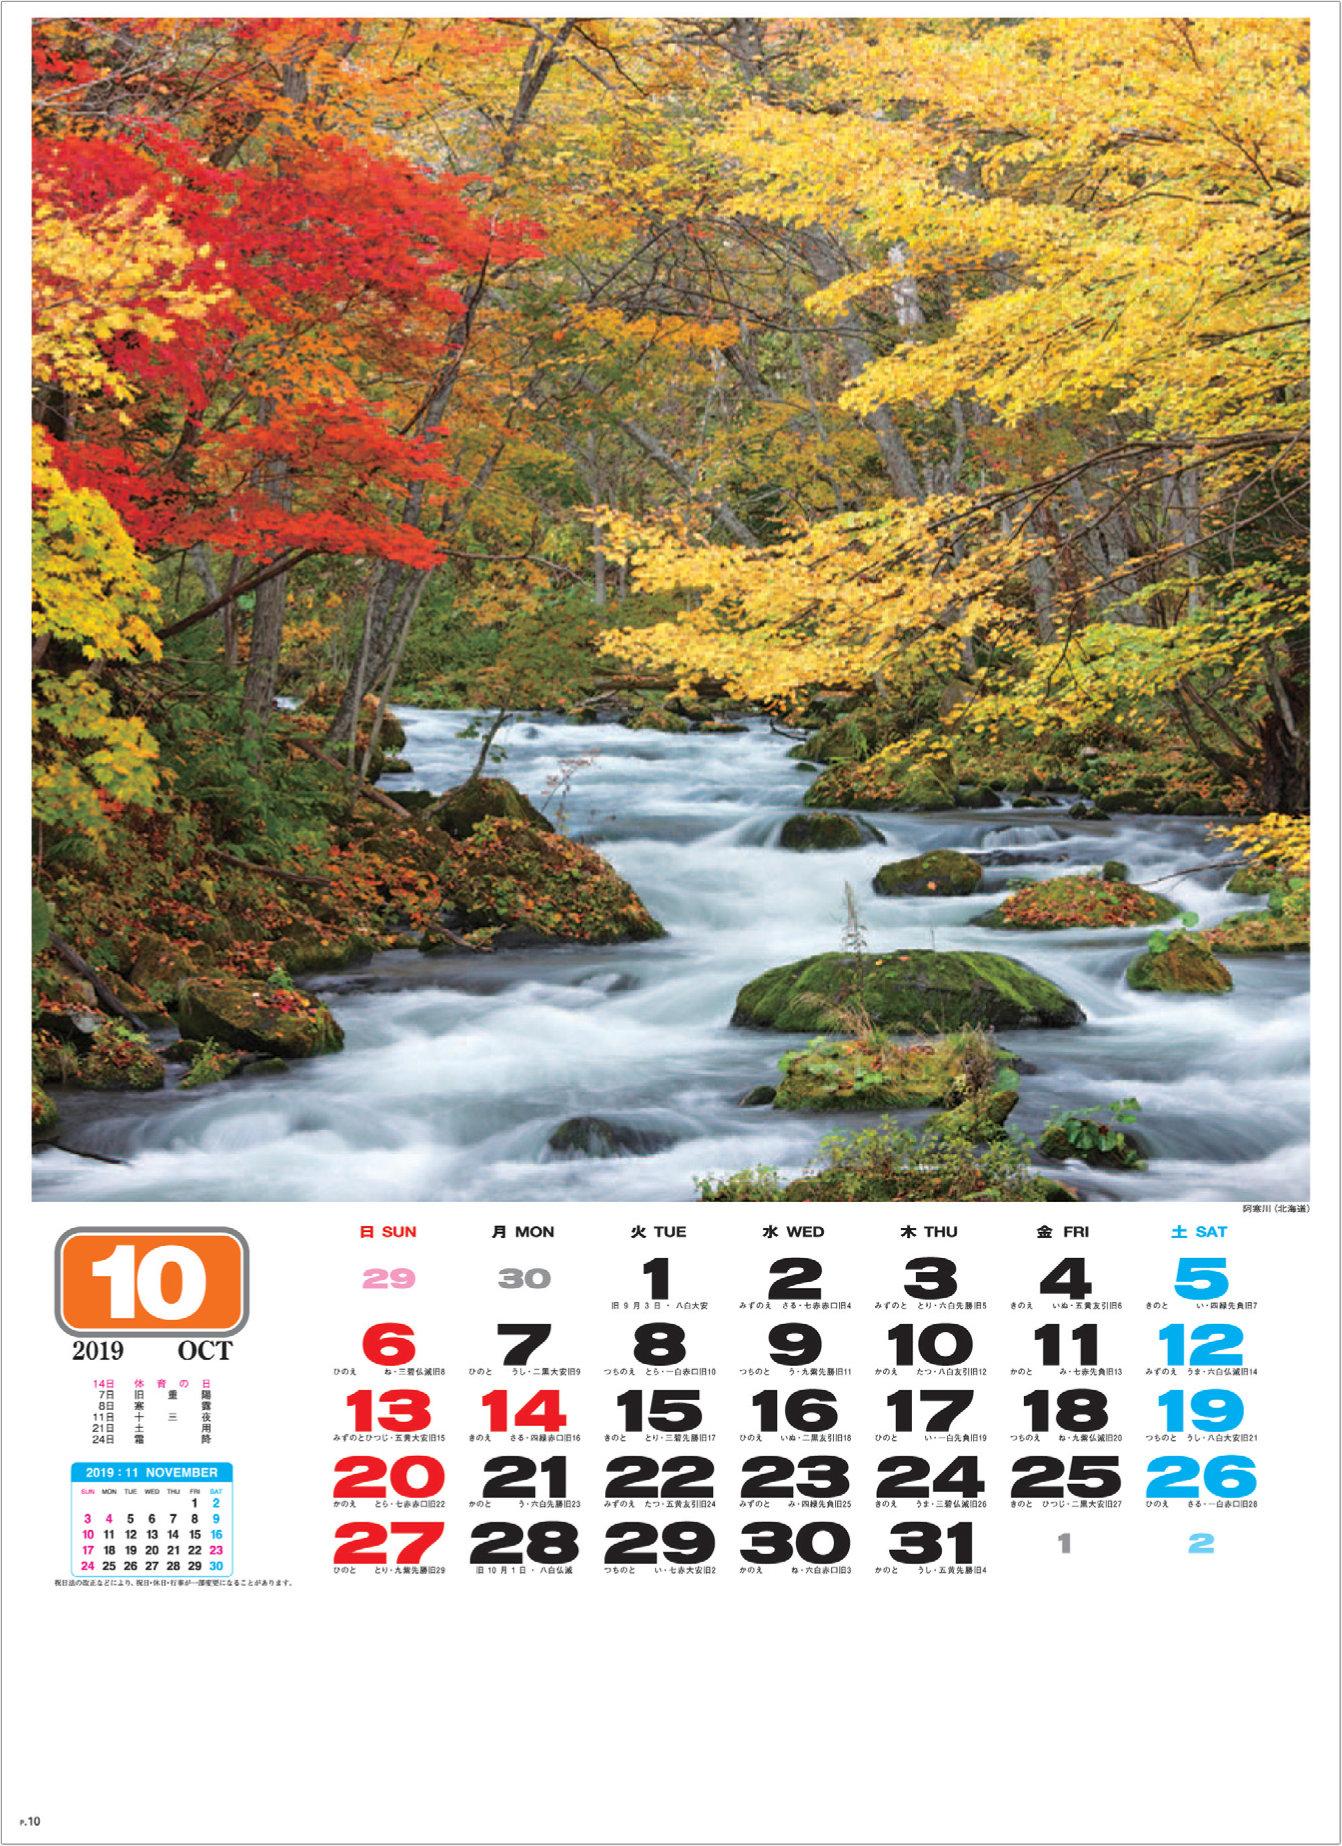 画像:北海道 阿寒川と紅葉 美しき日本 2019年カレンダー